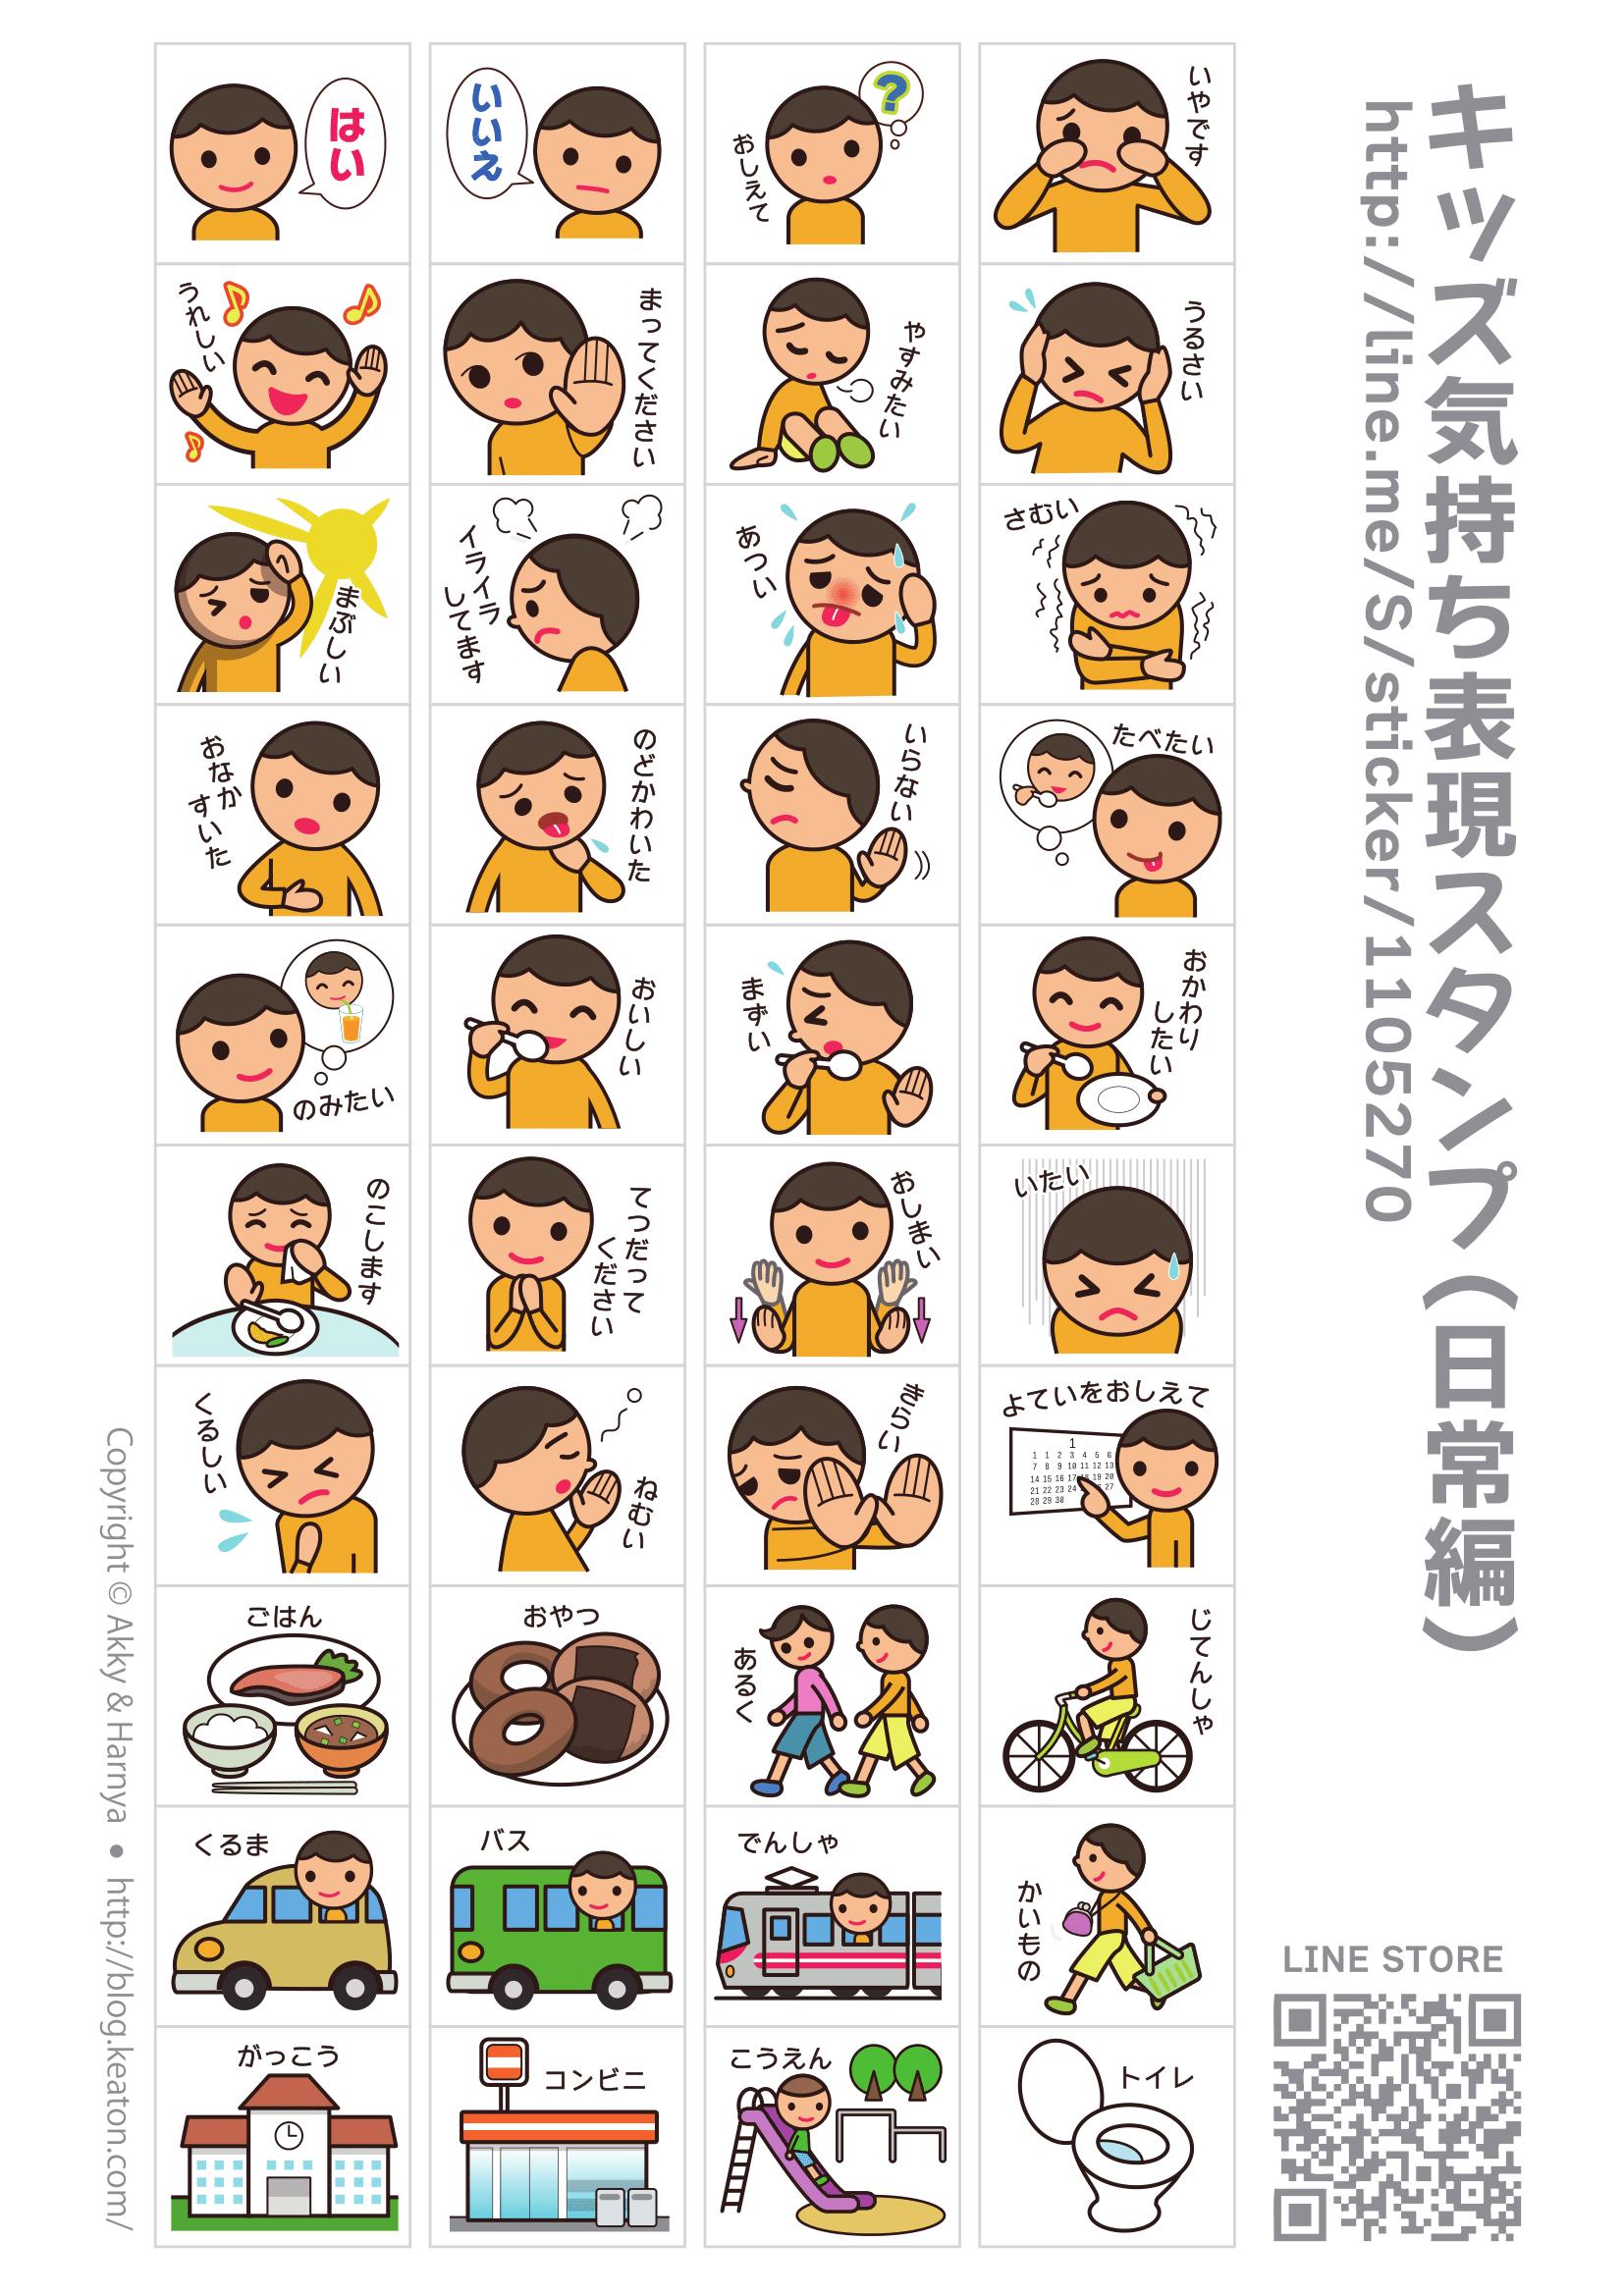 【事例紹介#004】LINEスタンプ「キッズ気持ち表現スタンプ」印刷 ...